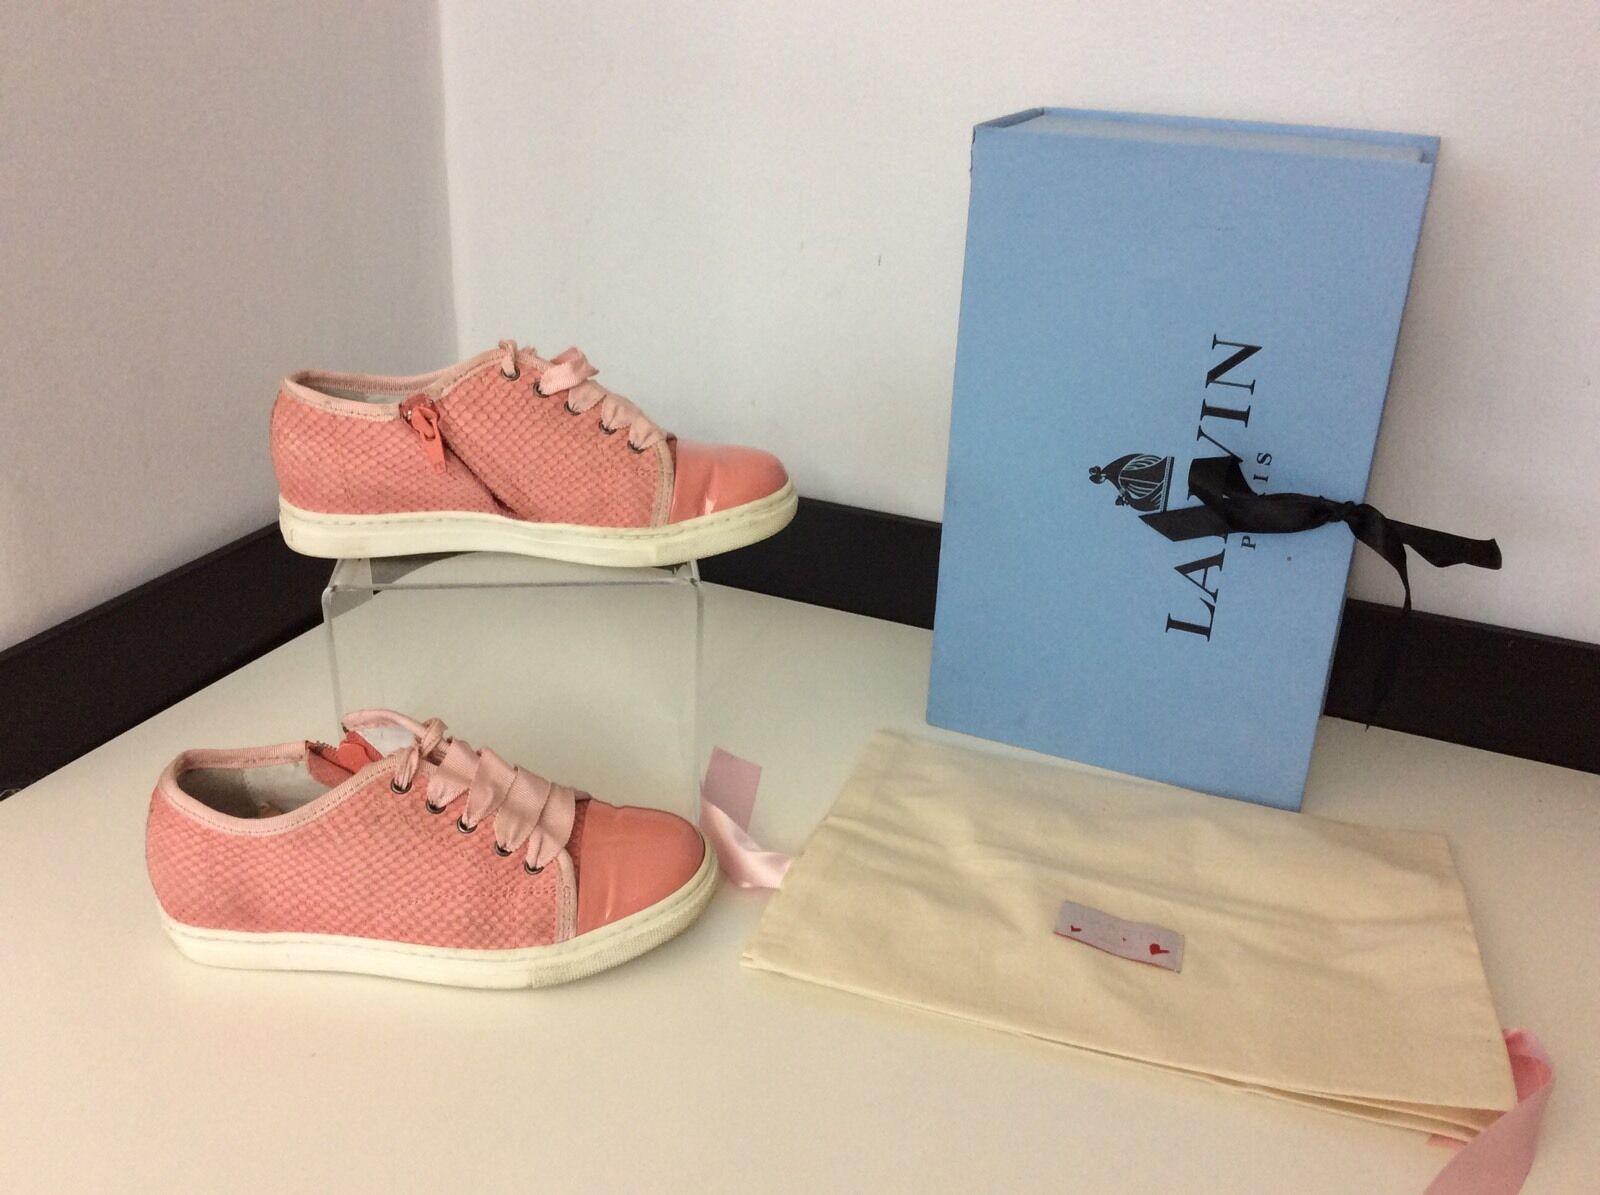 Lanvin rose cuir d'agneau cuir espadrilles pompes chaussures taille 31 Uk 13,5 boîte RRP